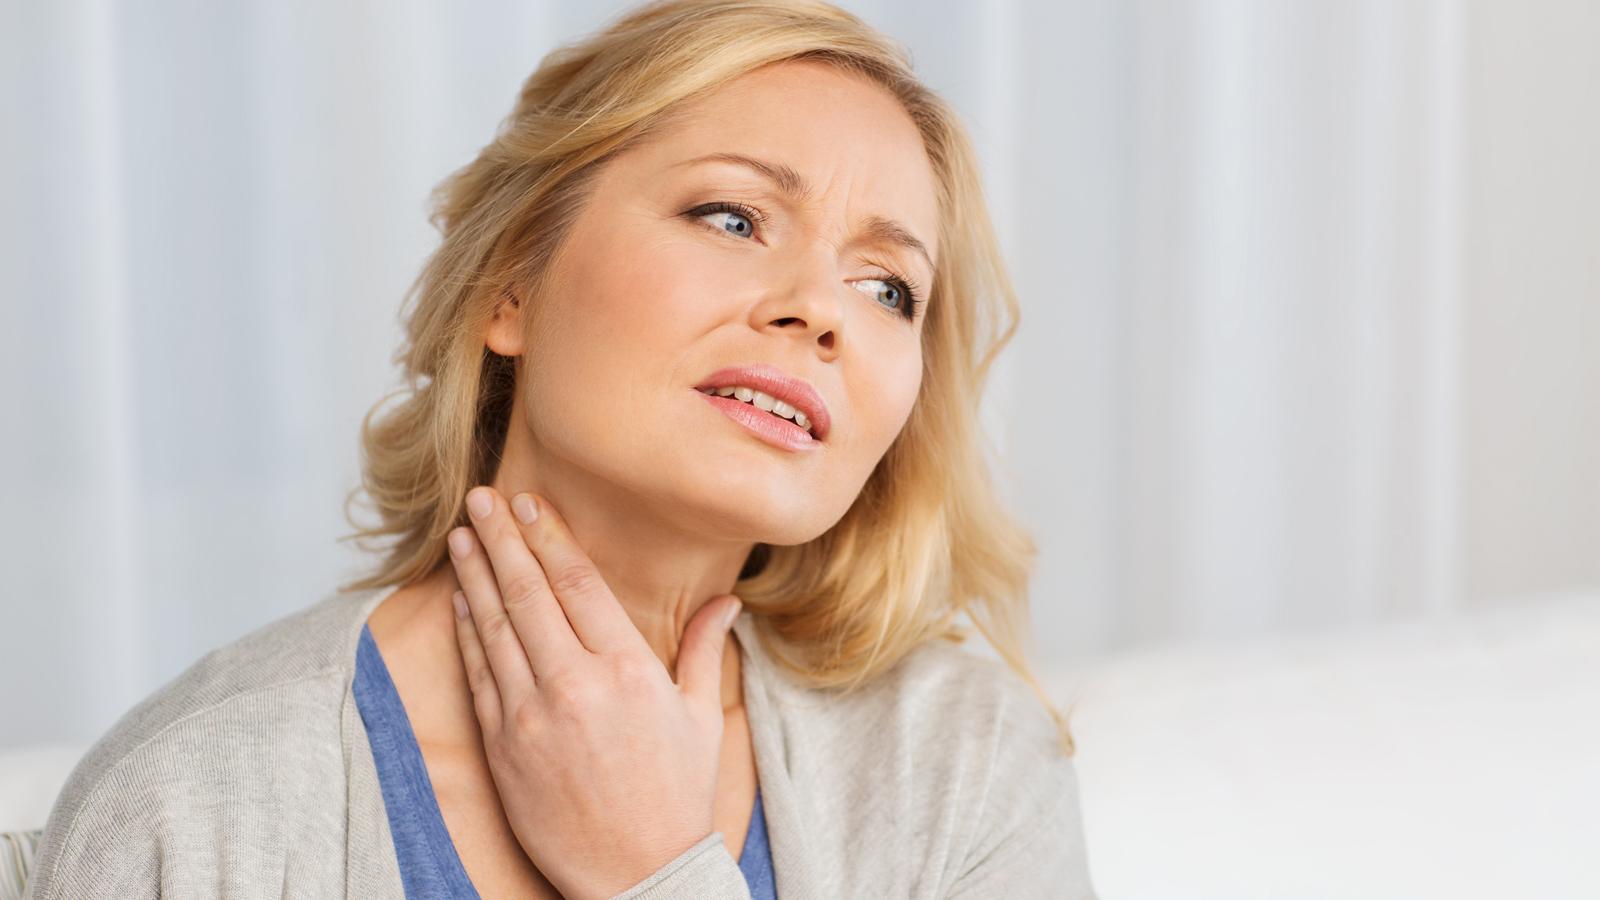 Farmaci per il mal di gola e rimedi naturali | Miglior ...